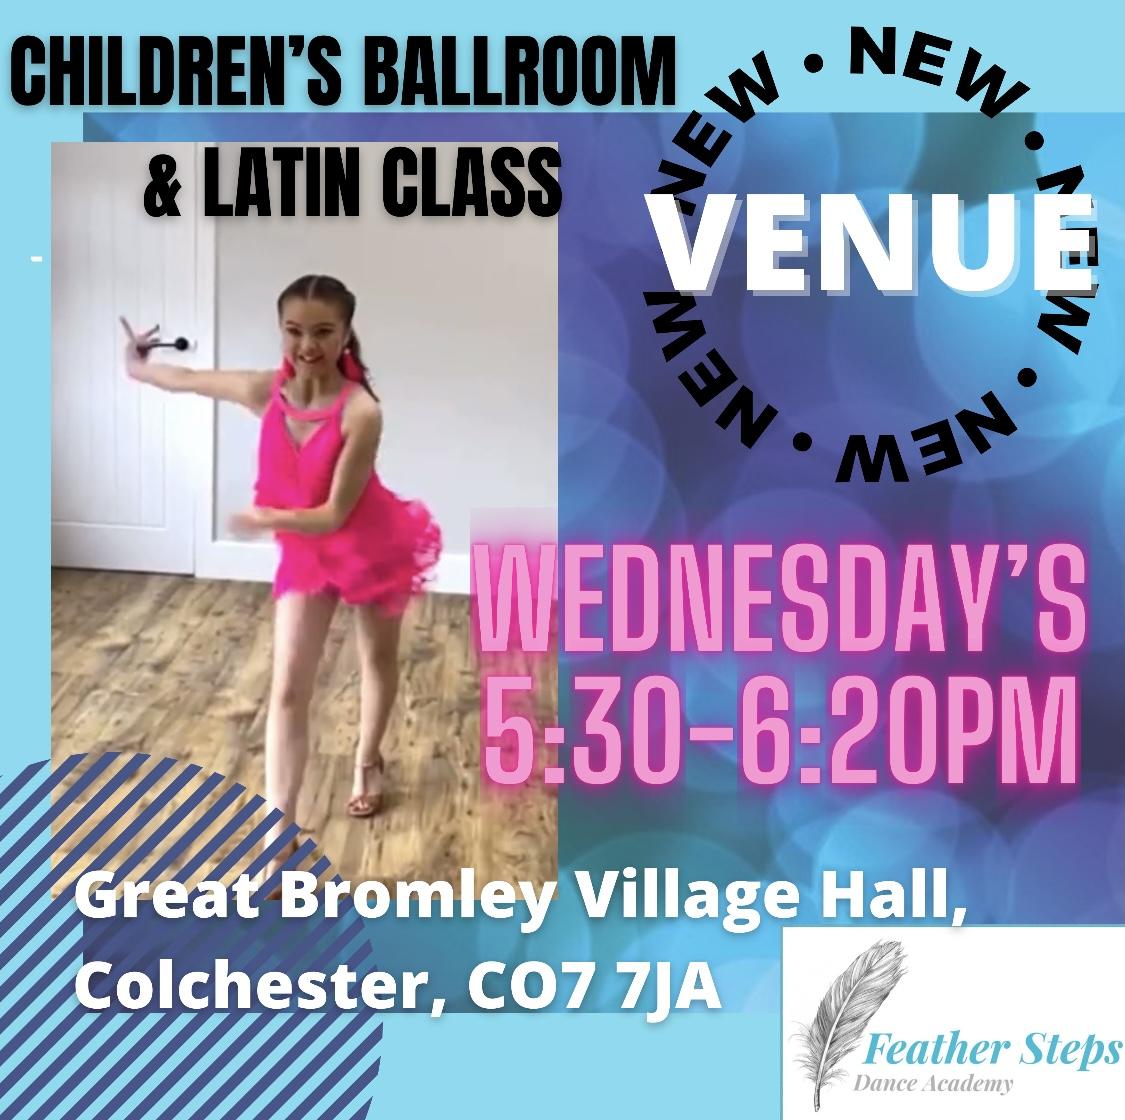 Children Ballroom & Latin Class